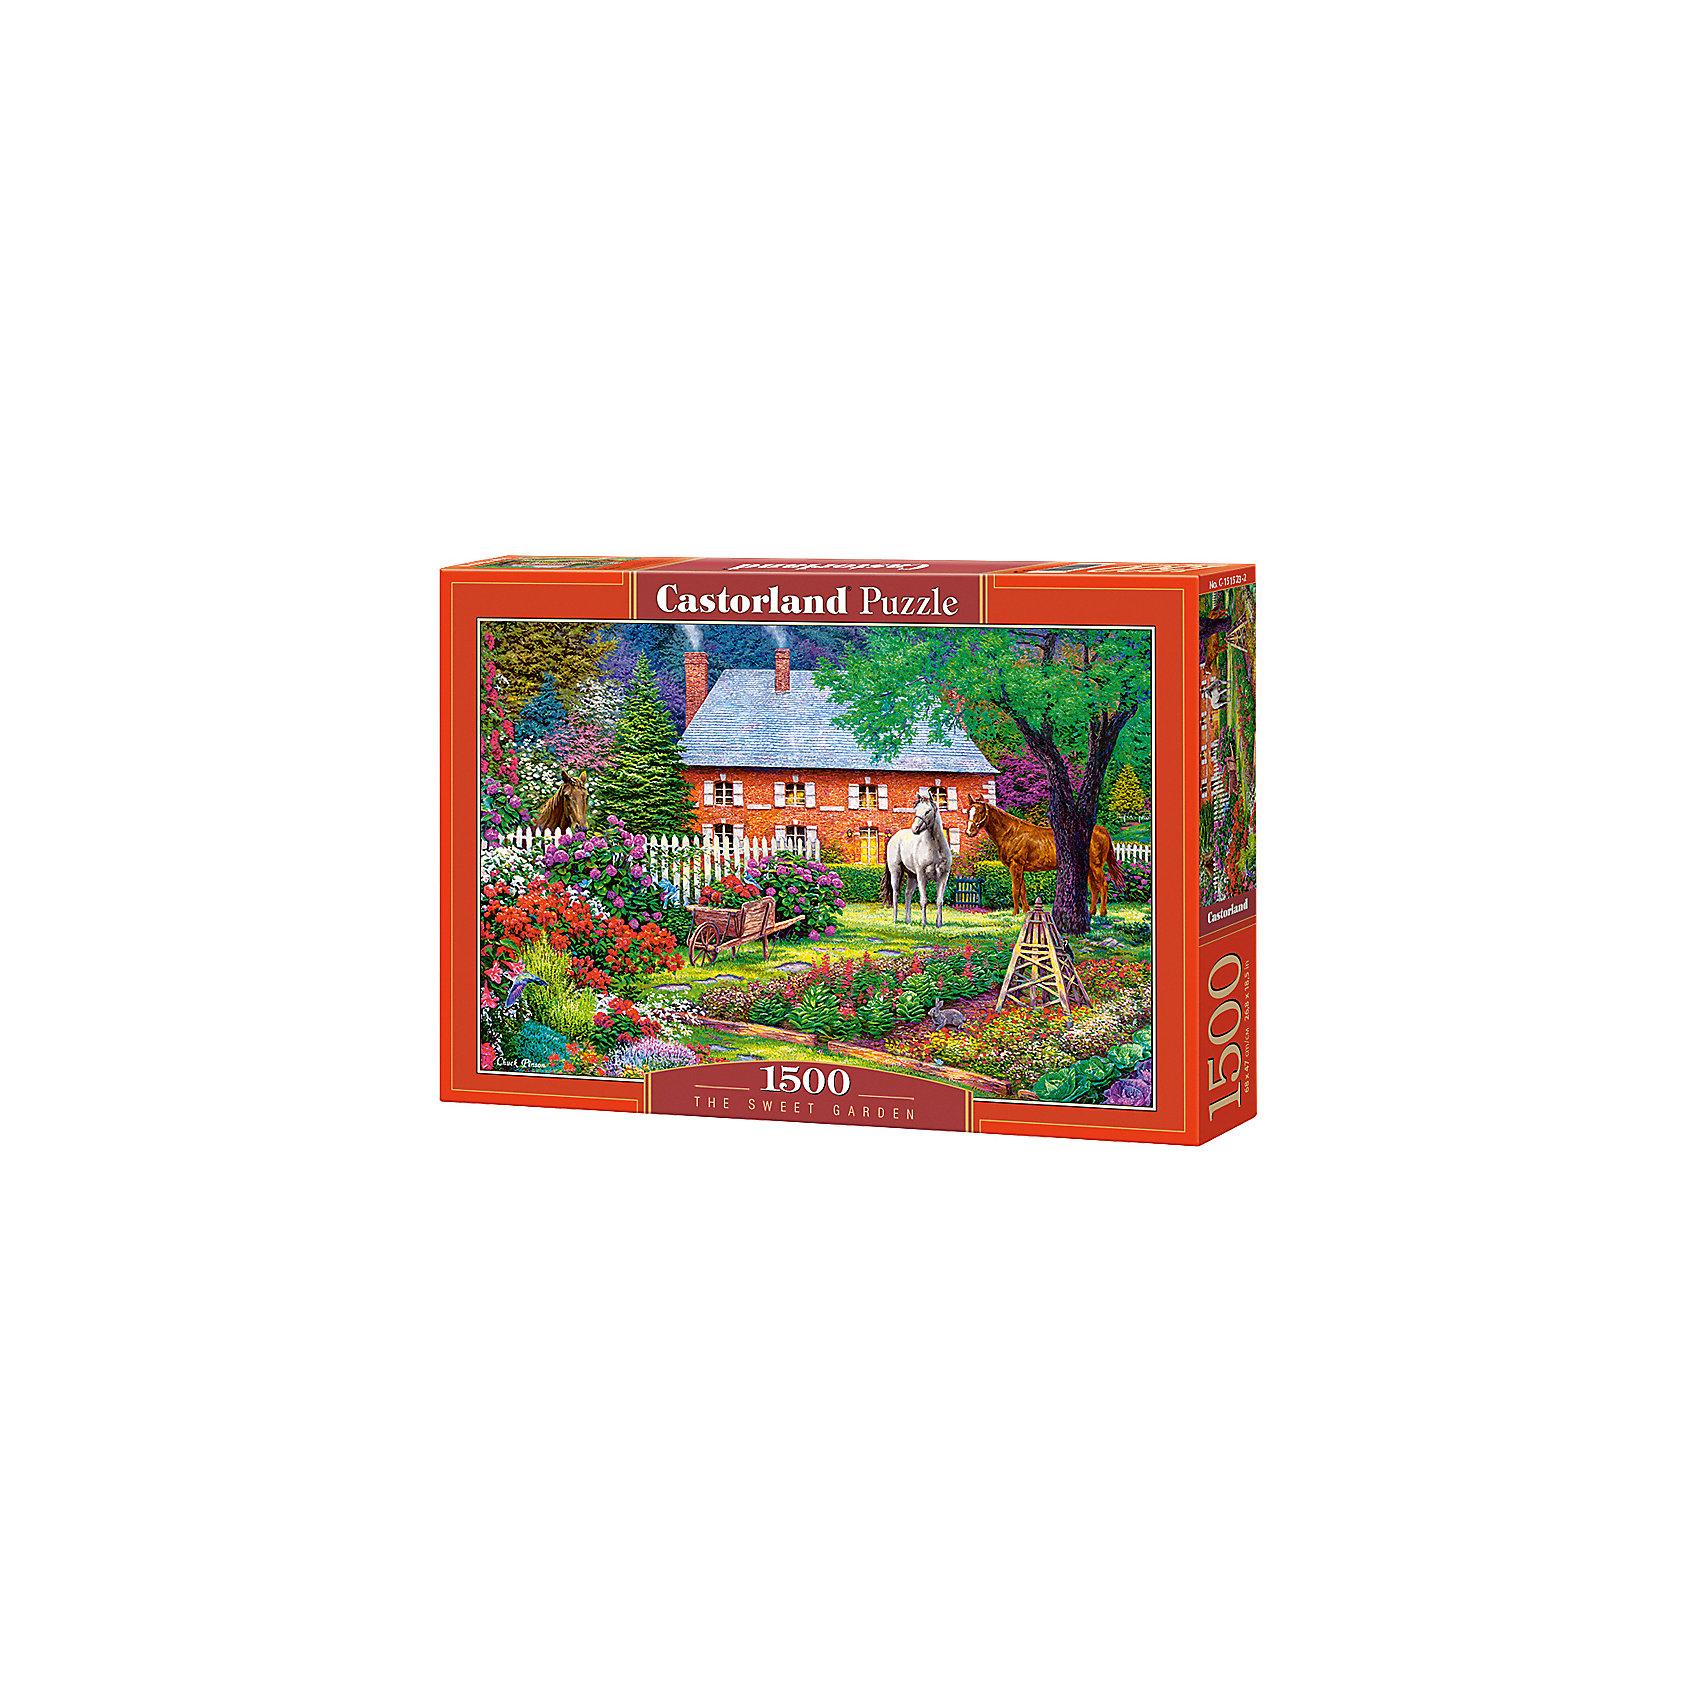 Пазл Castorland Чудесный сад, 1500 деталейПазлы для детей постарше<br>Характеристики:<br><br>• возраст: от 9 лет<br>• количество деталей: 1500 шт.<br>• размер собранного пазла: 68х47 см.<br>• материал: картон<br>• упаковка: картонная коробка<br>• размер упаковки: 35x5x25 см.<br>• вес: 600 гр.<br>• страна обладатель бренда: Польша<br><br>Пазл «Чудесный сад» от Castorland (Касторленд) отличается высоким качеством, высоким уровнем полиграфии, насыщенными цветами и идеальной стыковкой элементов. Пазл «Чудесный сад» предназначен для сборки детьми среднего и старшего возраста и, конечно, для взрослых. Из 1500 элементов пазла складывается красивая картина с изображением живописного сада.<br><br>Пазл Чудесный сад, 1500 деталей, Castorland (Касторленд) можно купить в нашем интернет-магазине.<br><br>Ширина мм: 350<br>Глубина мм: 250<br>Высота мм: 50<br>Вес г: 600<br>Возраст от месяцев: 108<br>Возраст до месяцев: 2147483647<br>Пол: Унисекс<br>Возраст: Детский<br>SKU: 6725080